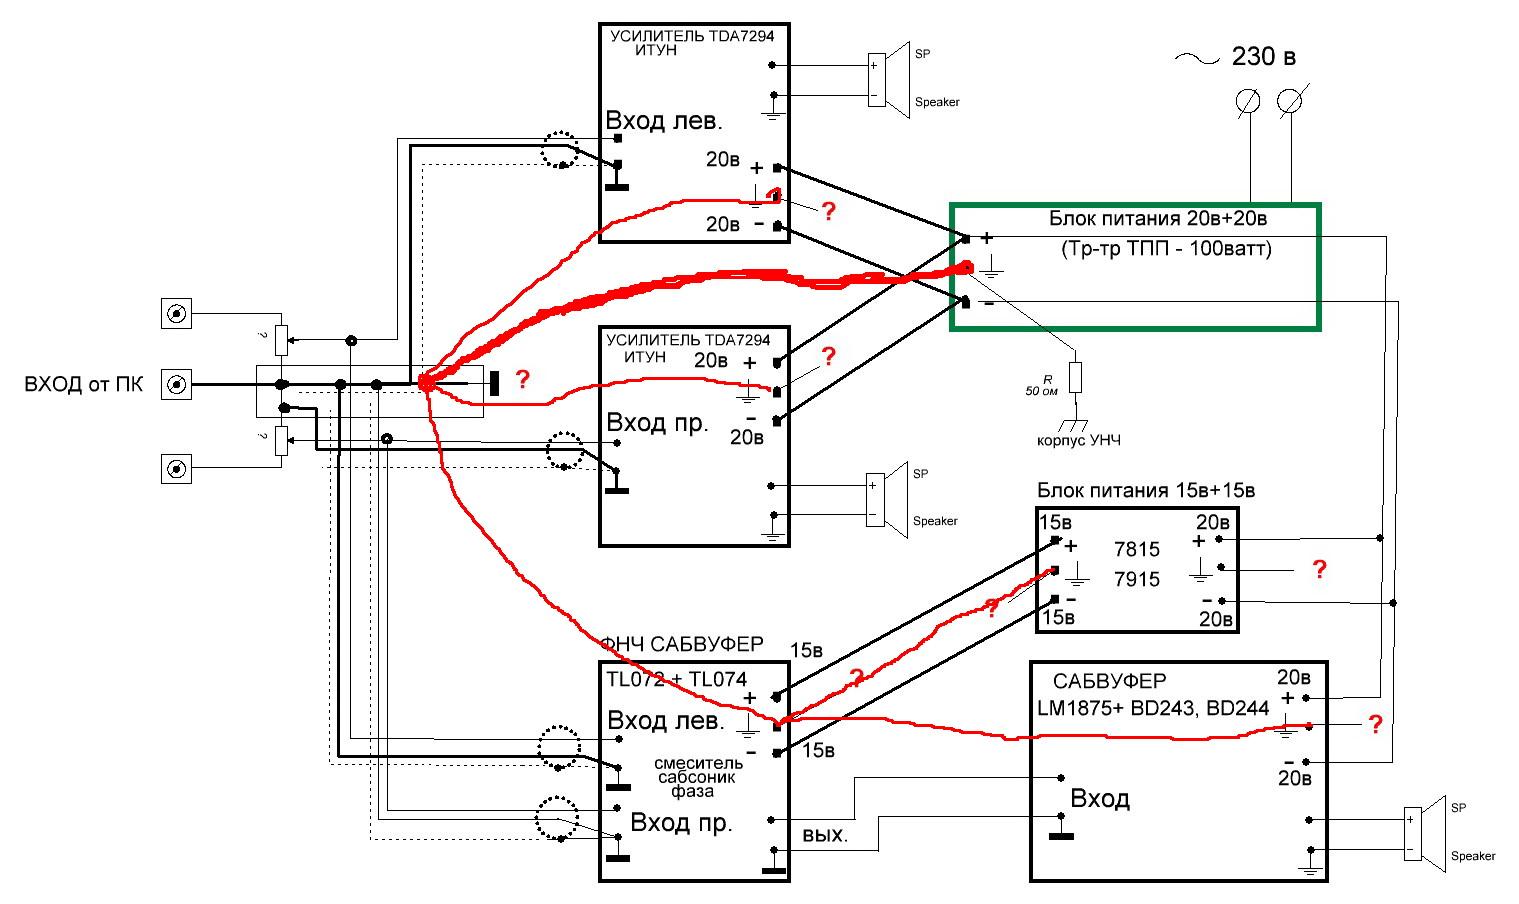 Схема усилителя tda 7294